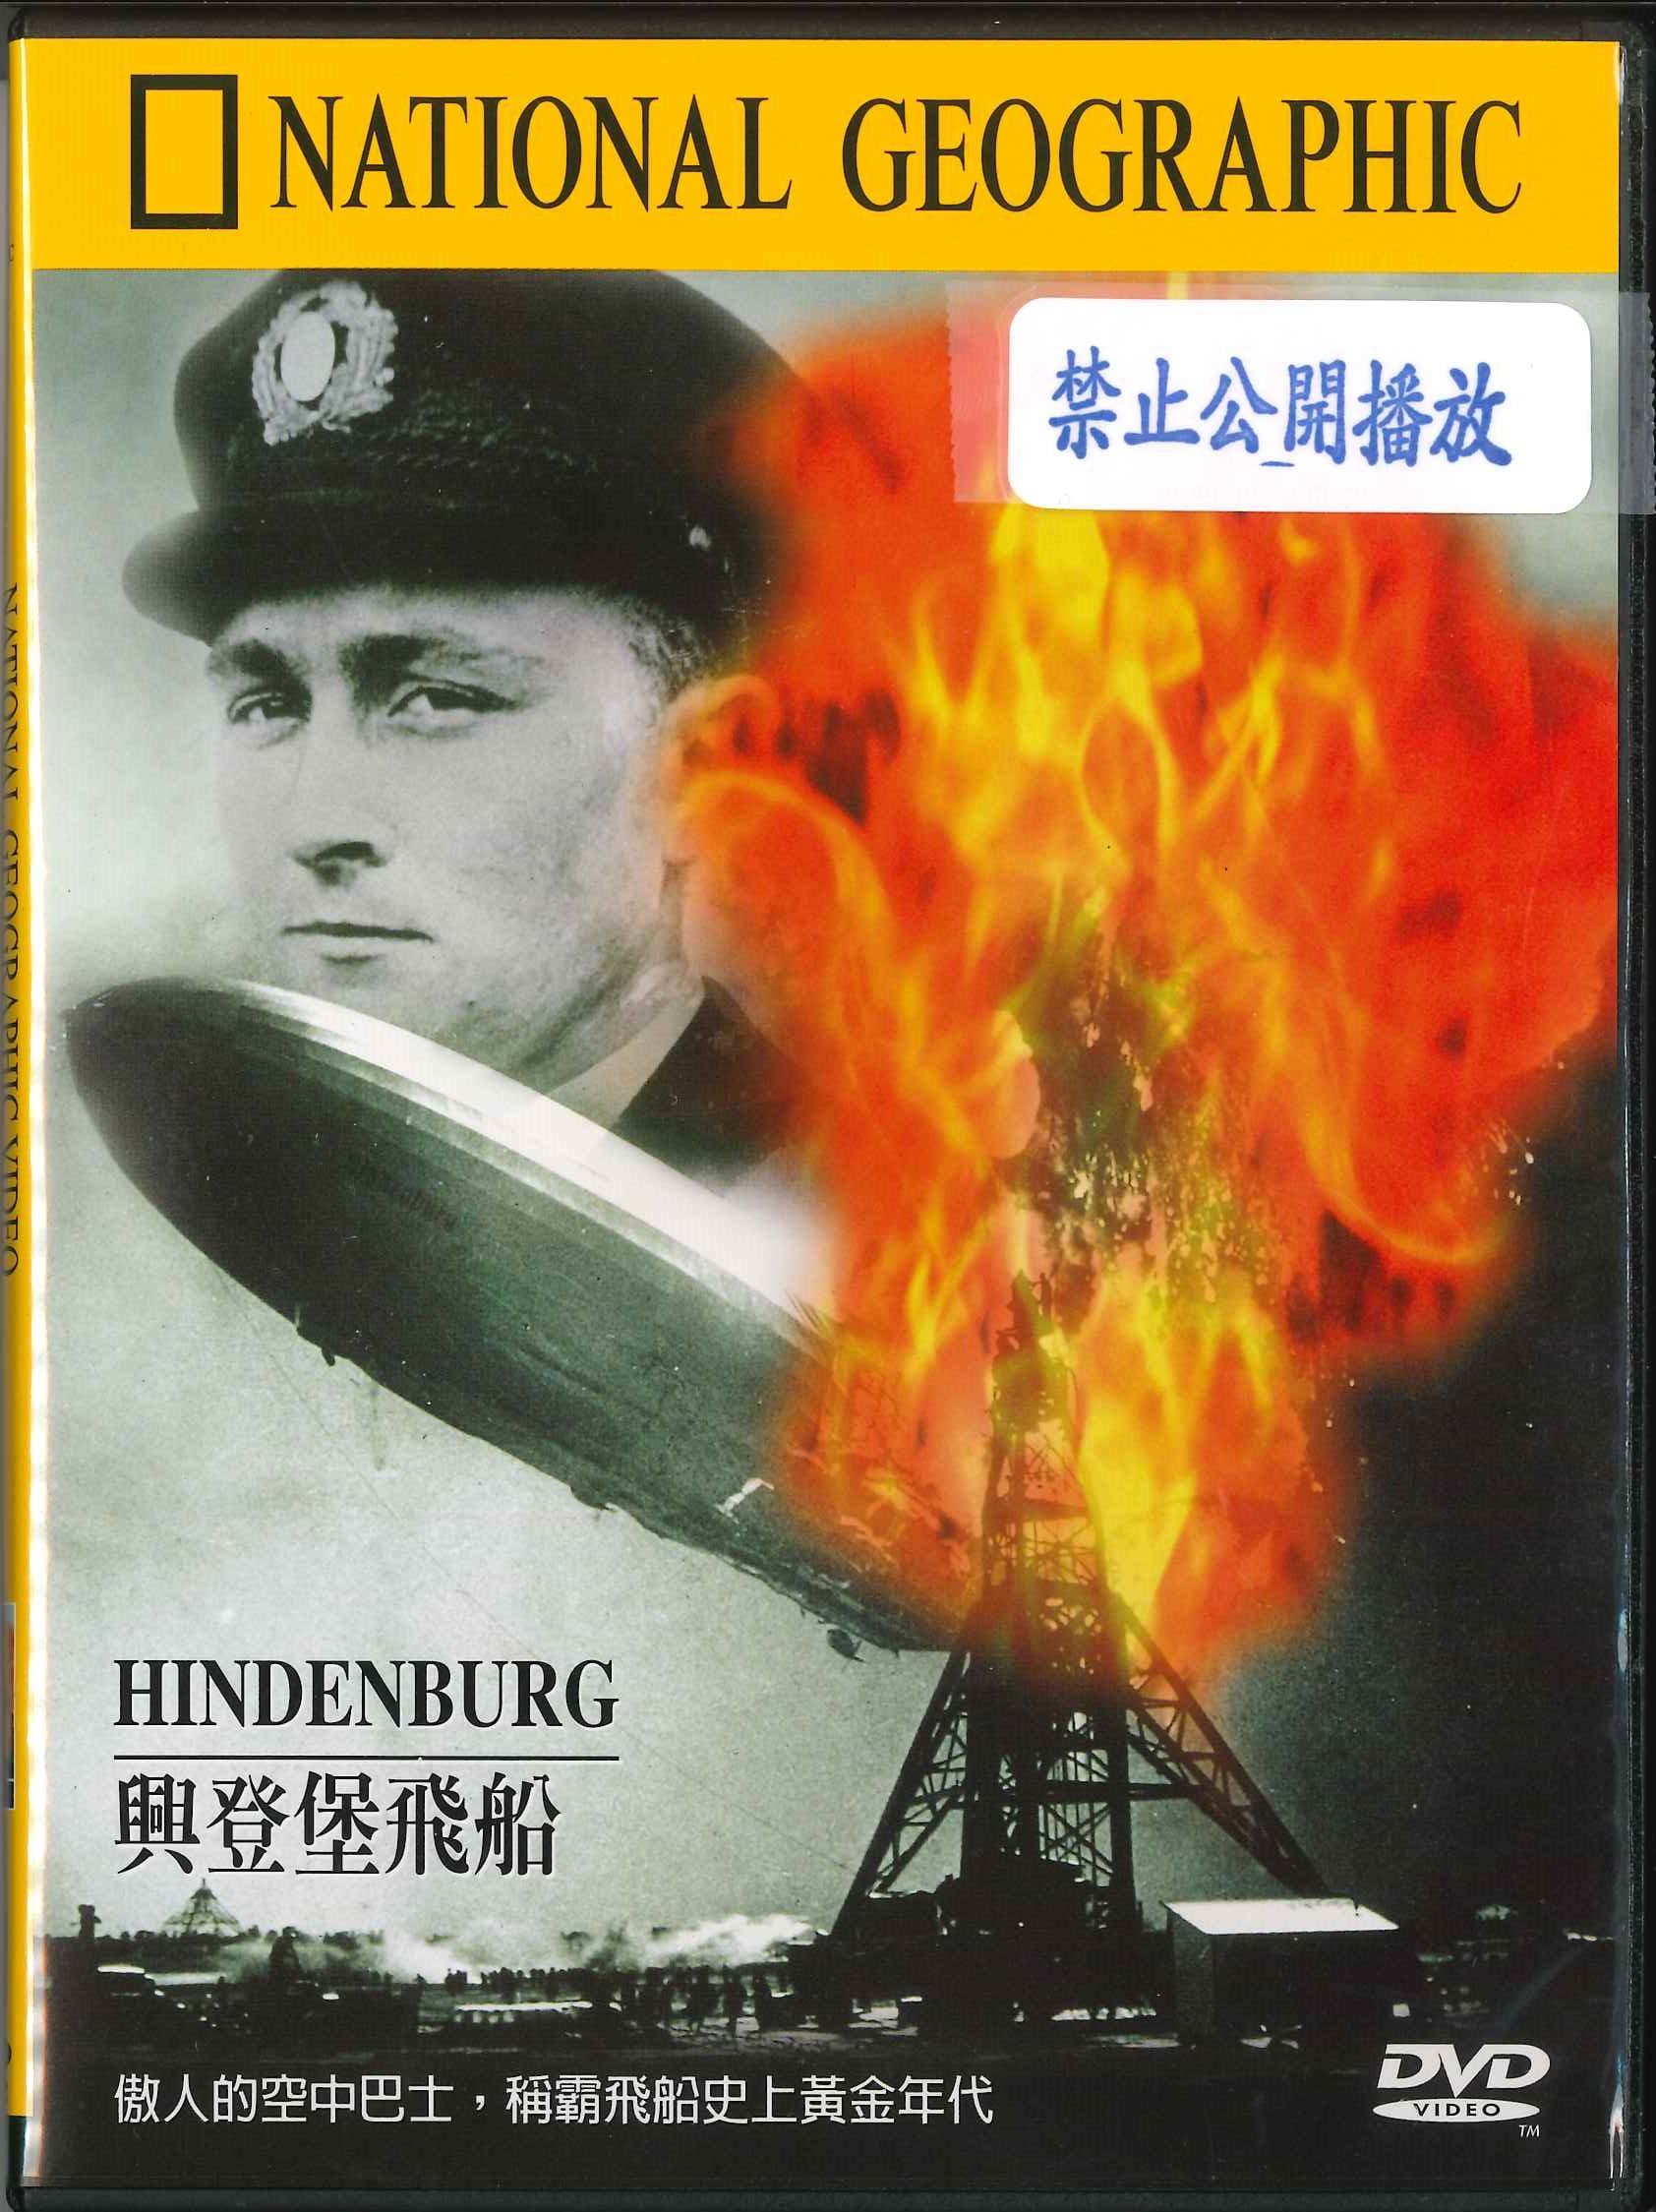 興登堡飛船 [錄影資料]=Hindenburg